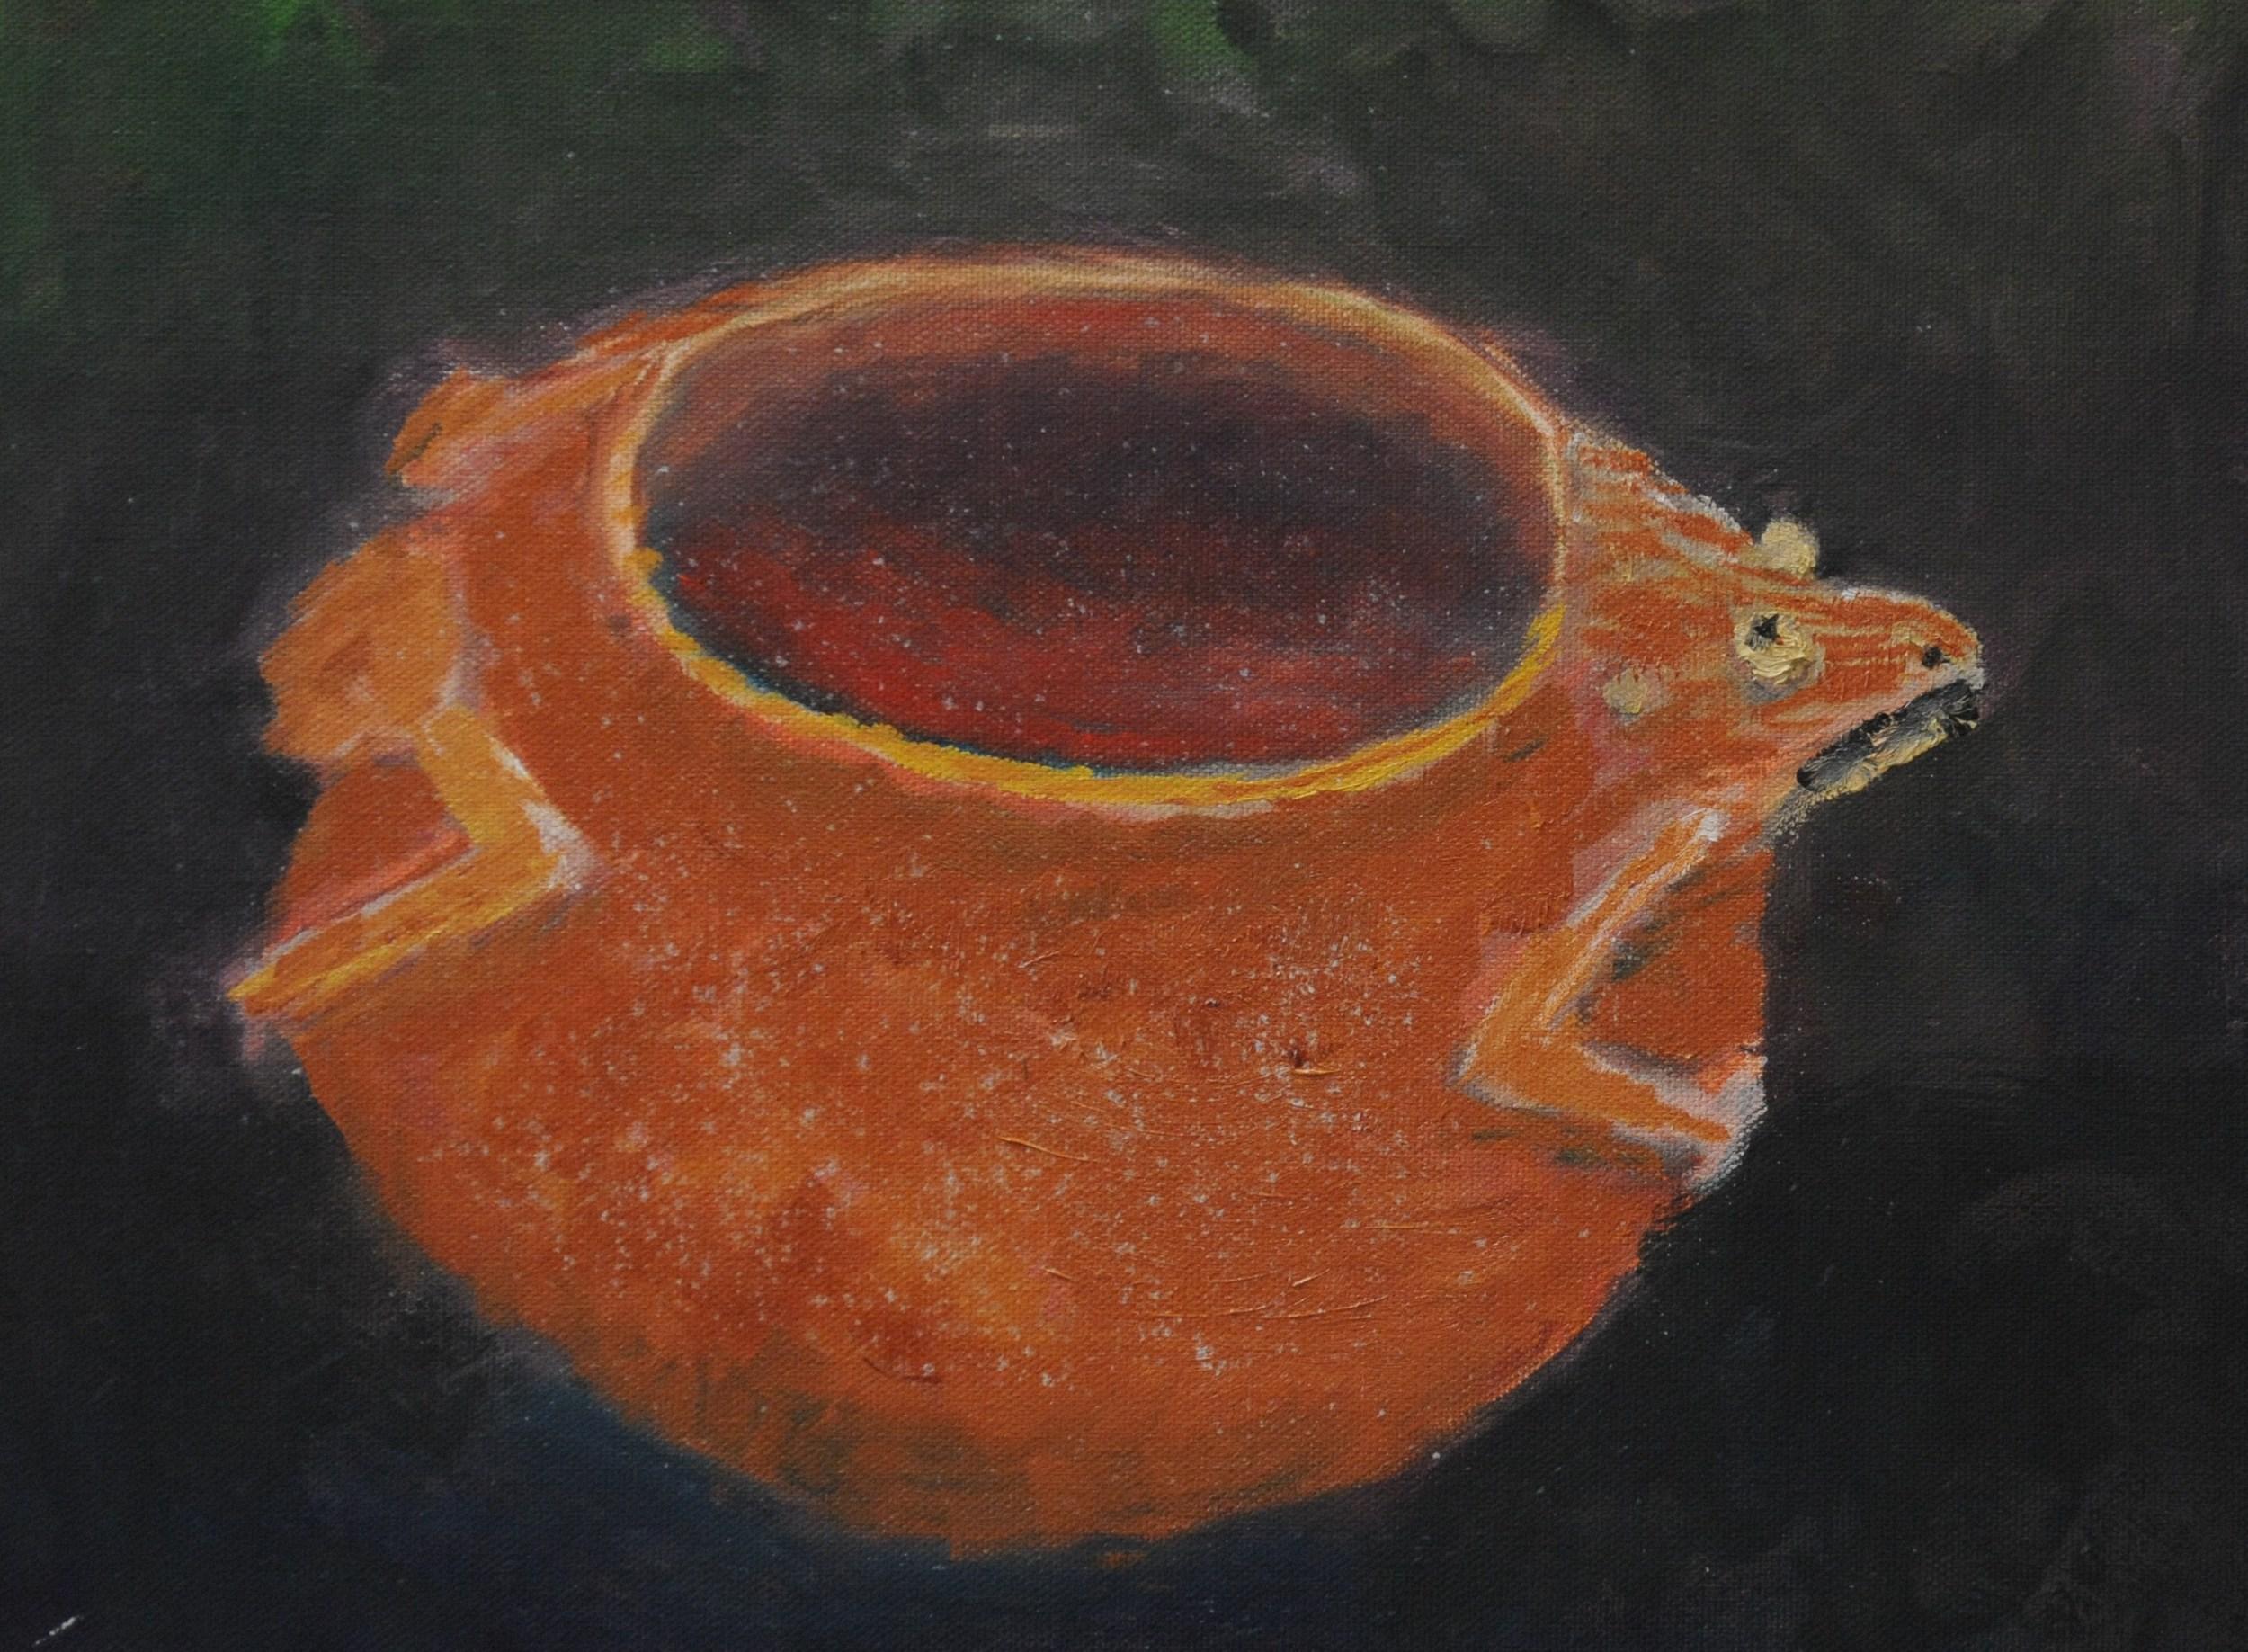 Frog Effigy Pot ca. 1200 A.D.